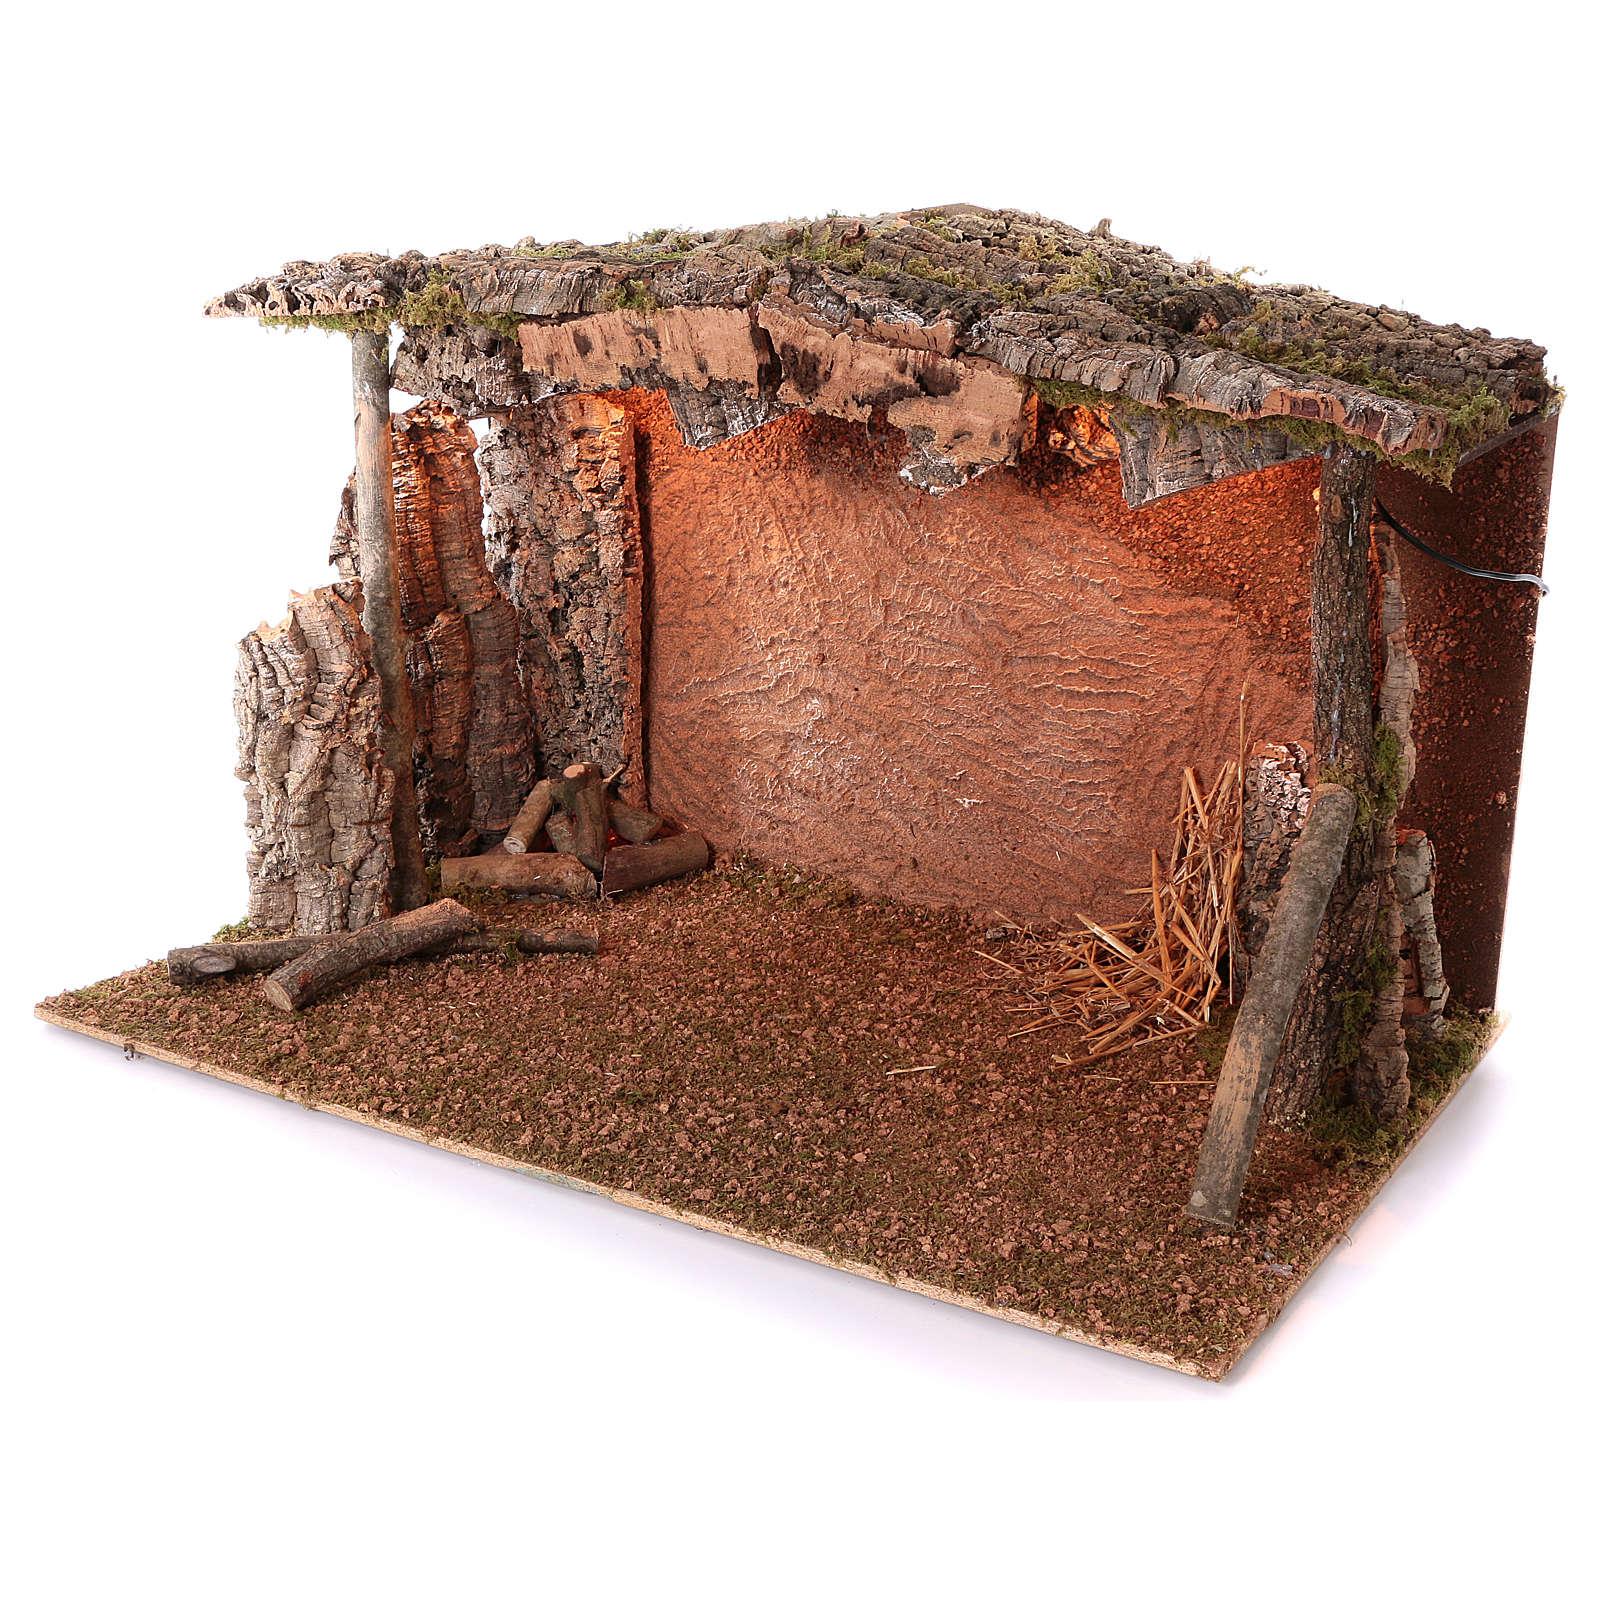 Capanna tetto sughero luce effetto fiamma 75x115x70 cm per presepi di 45 cm 4